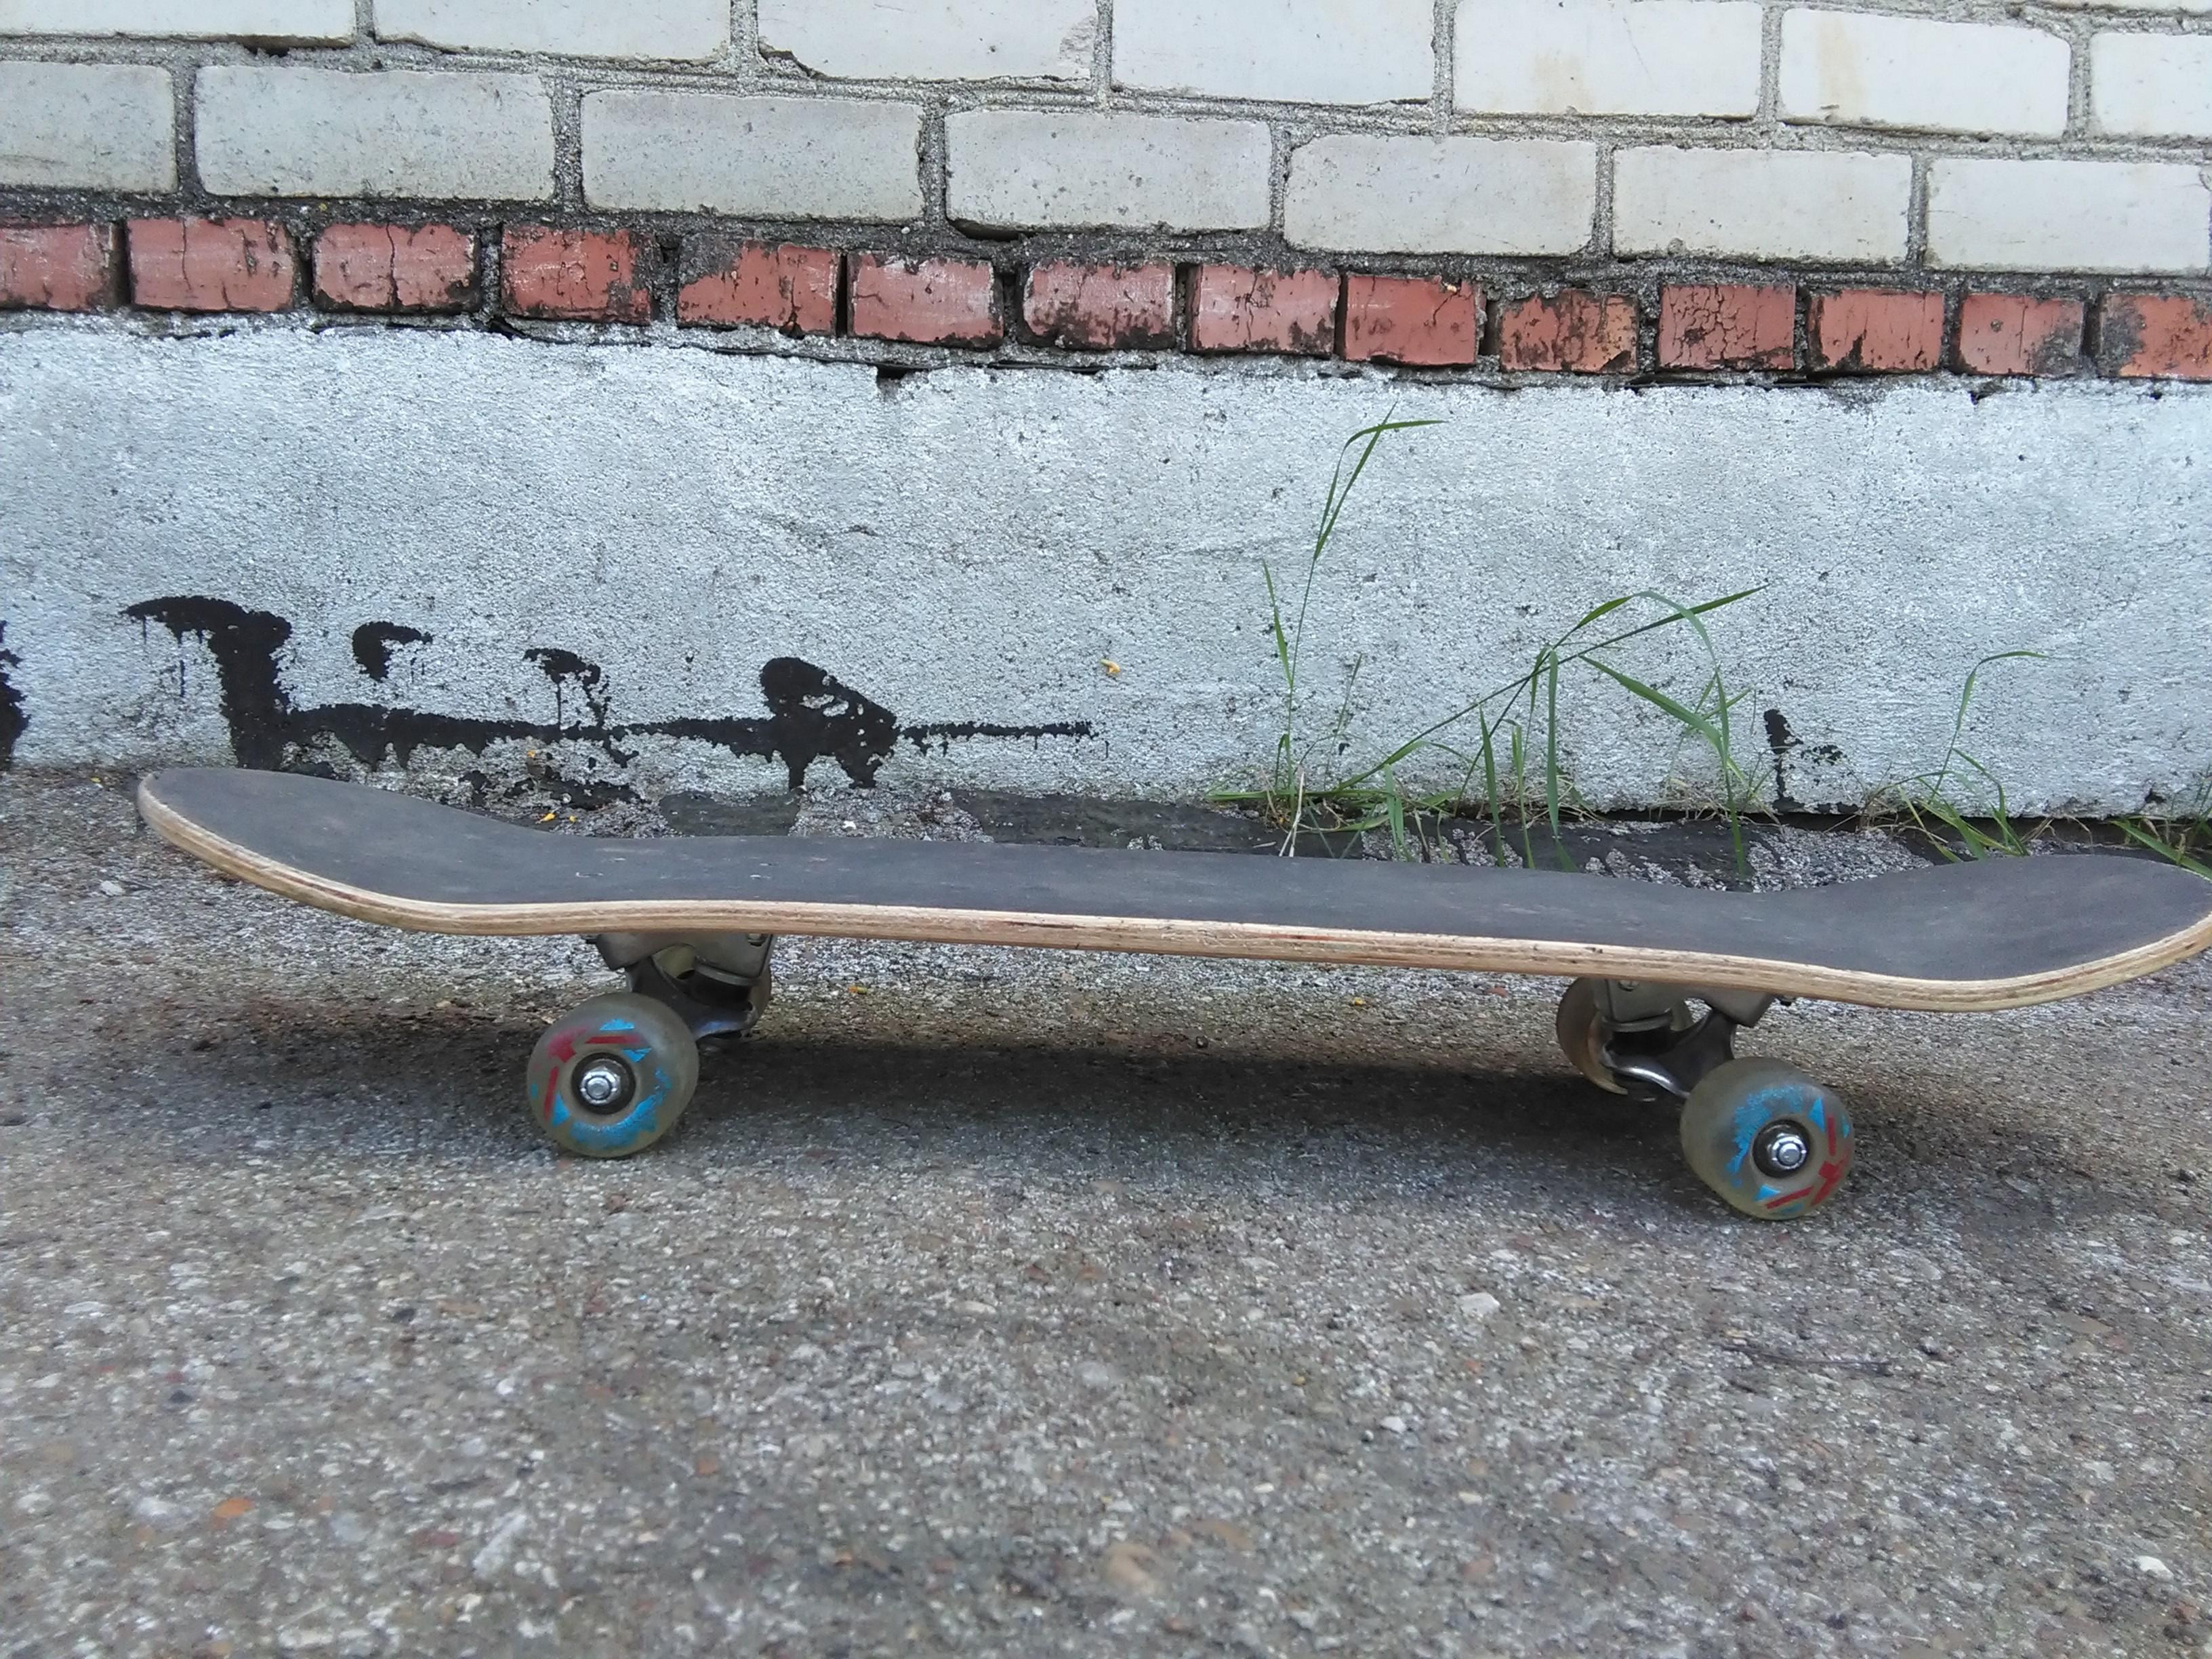 Какой это скейт : лонгборд, крузер, трюкавой?